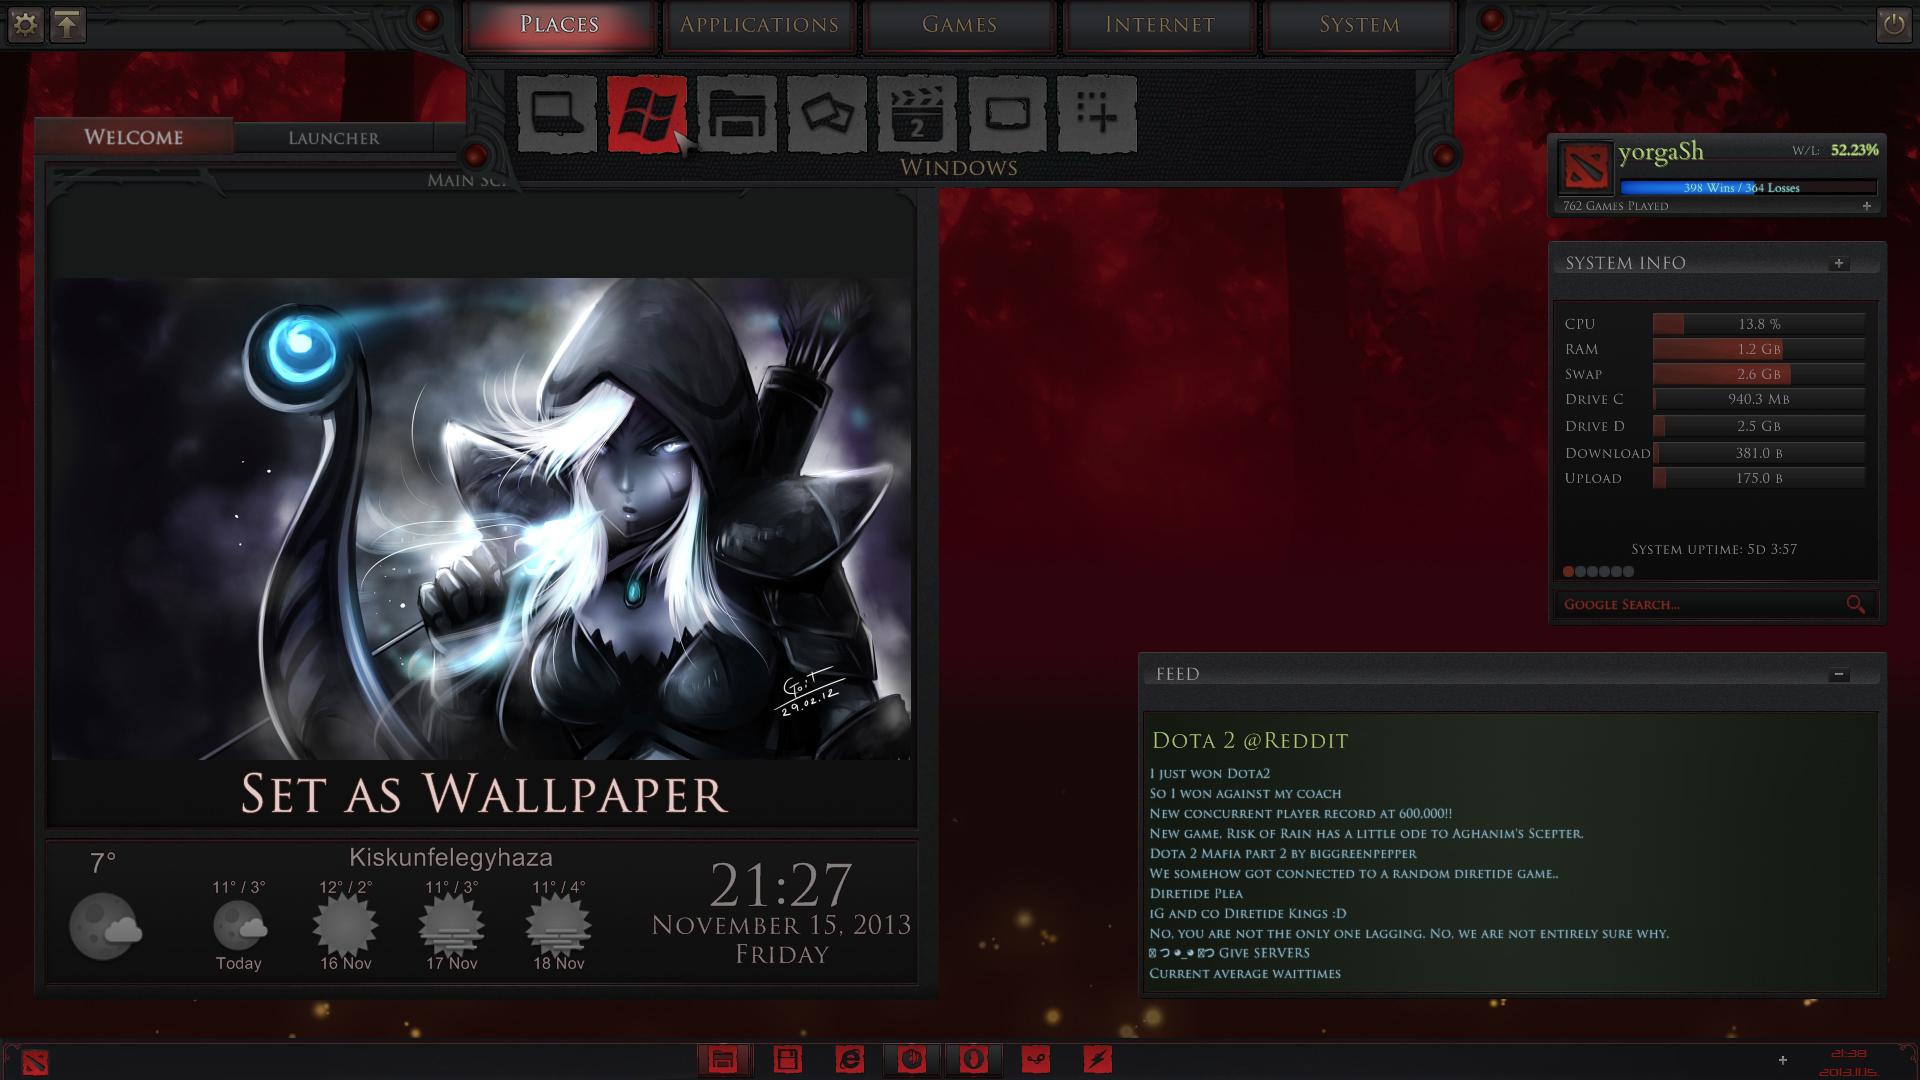 dota2 game menu 2 1 by yorgash on deviantart